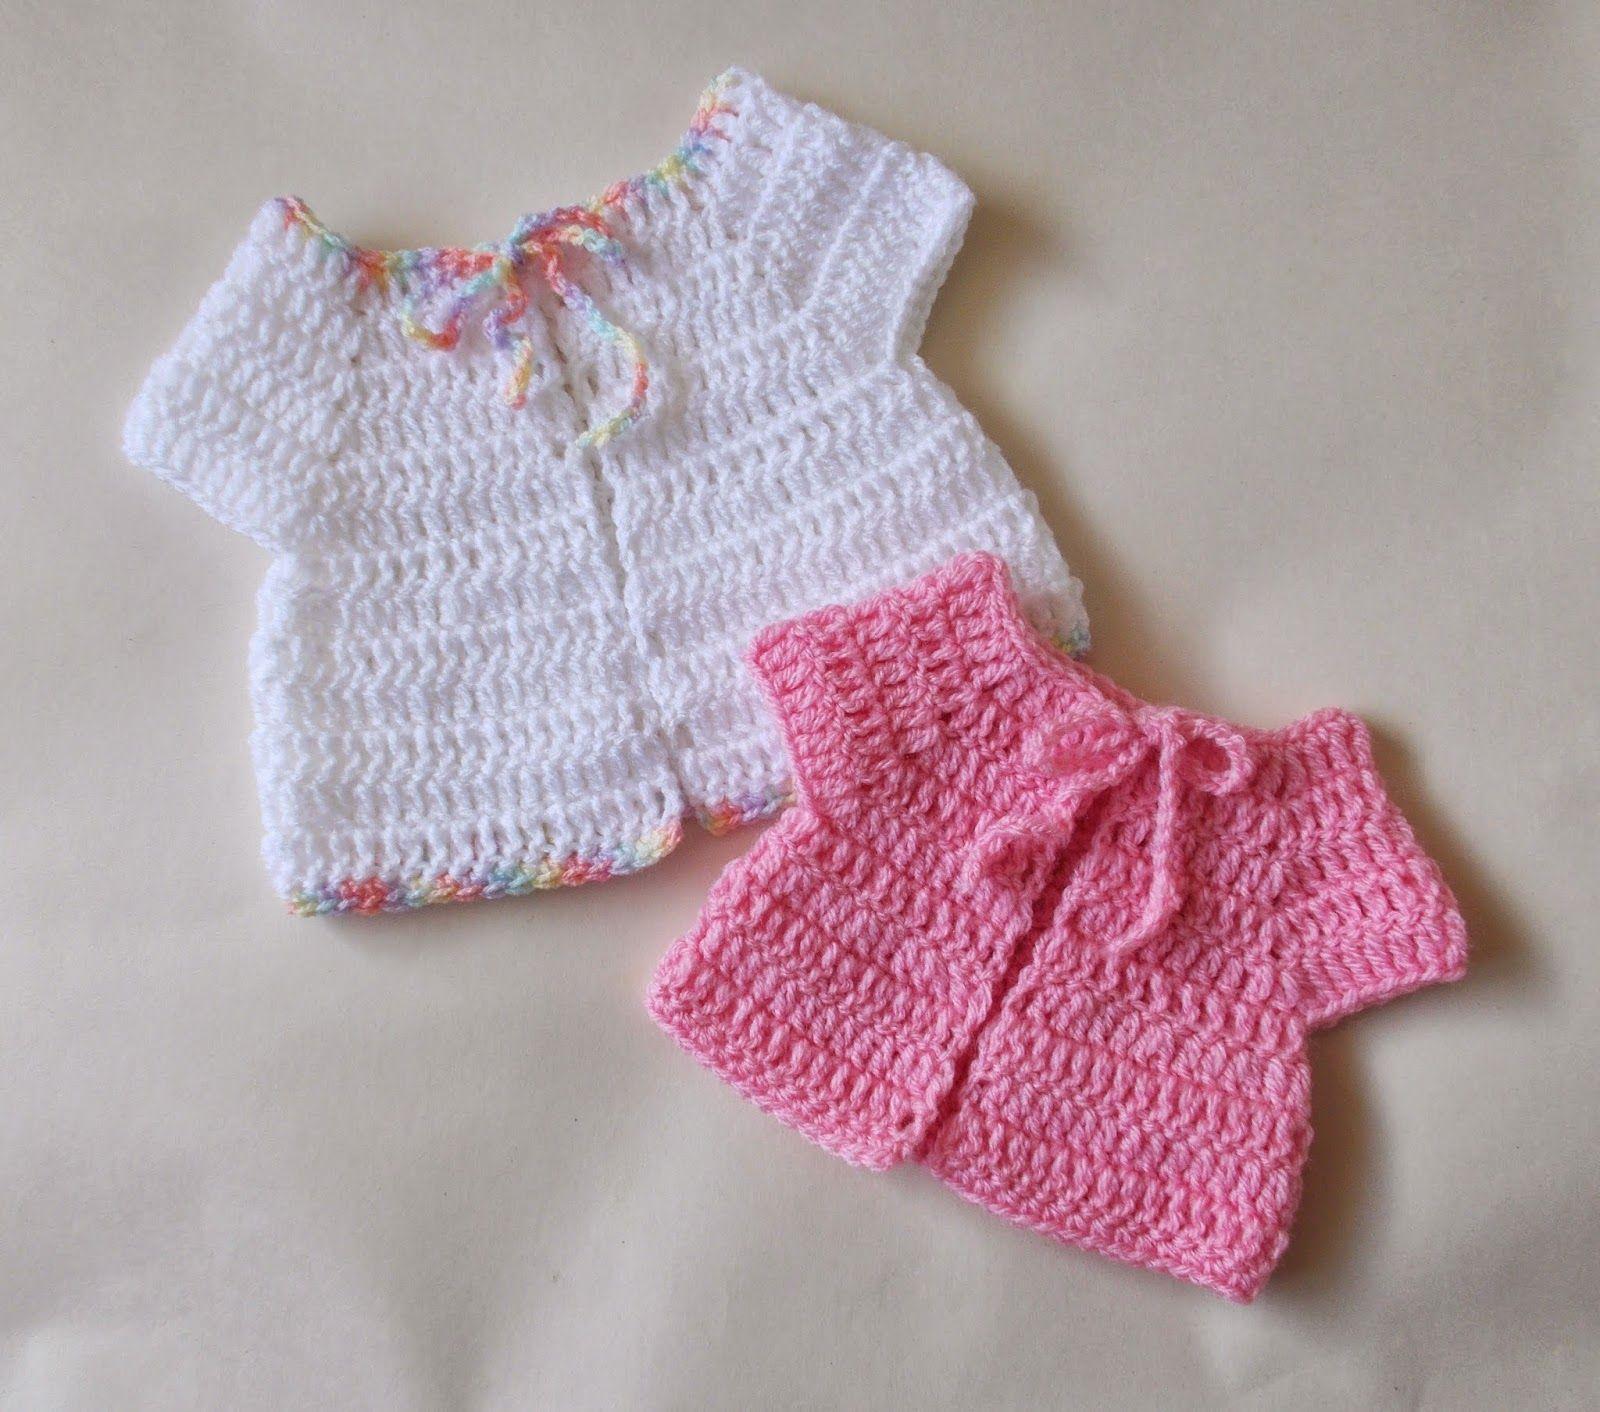 marianna\'s lazy daisy days: Premature Baby Crochet Baby Jacket ...